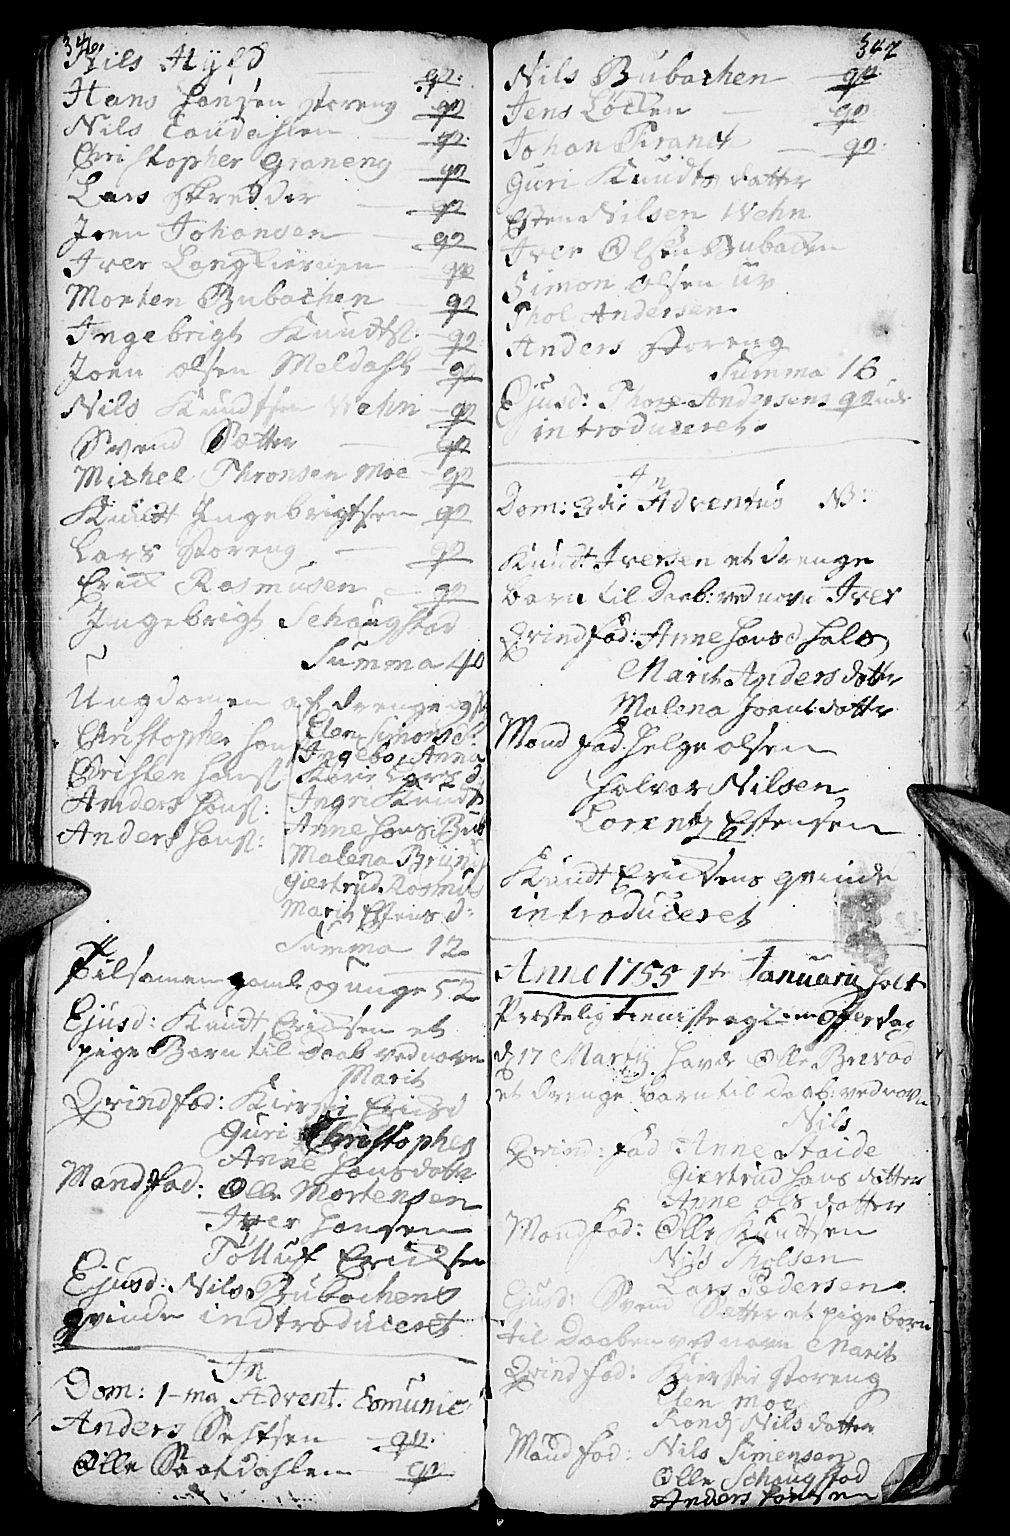 SAH, Kvikne prestekontor, Parish register (official) no. 1, 1740-1756, p. 346-347